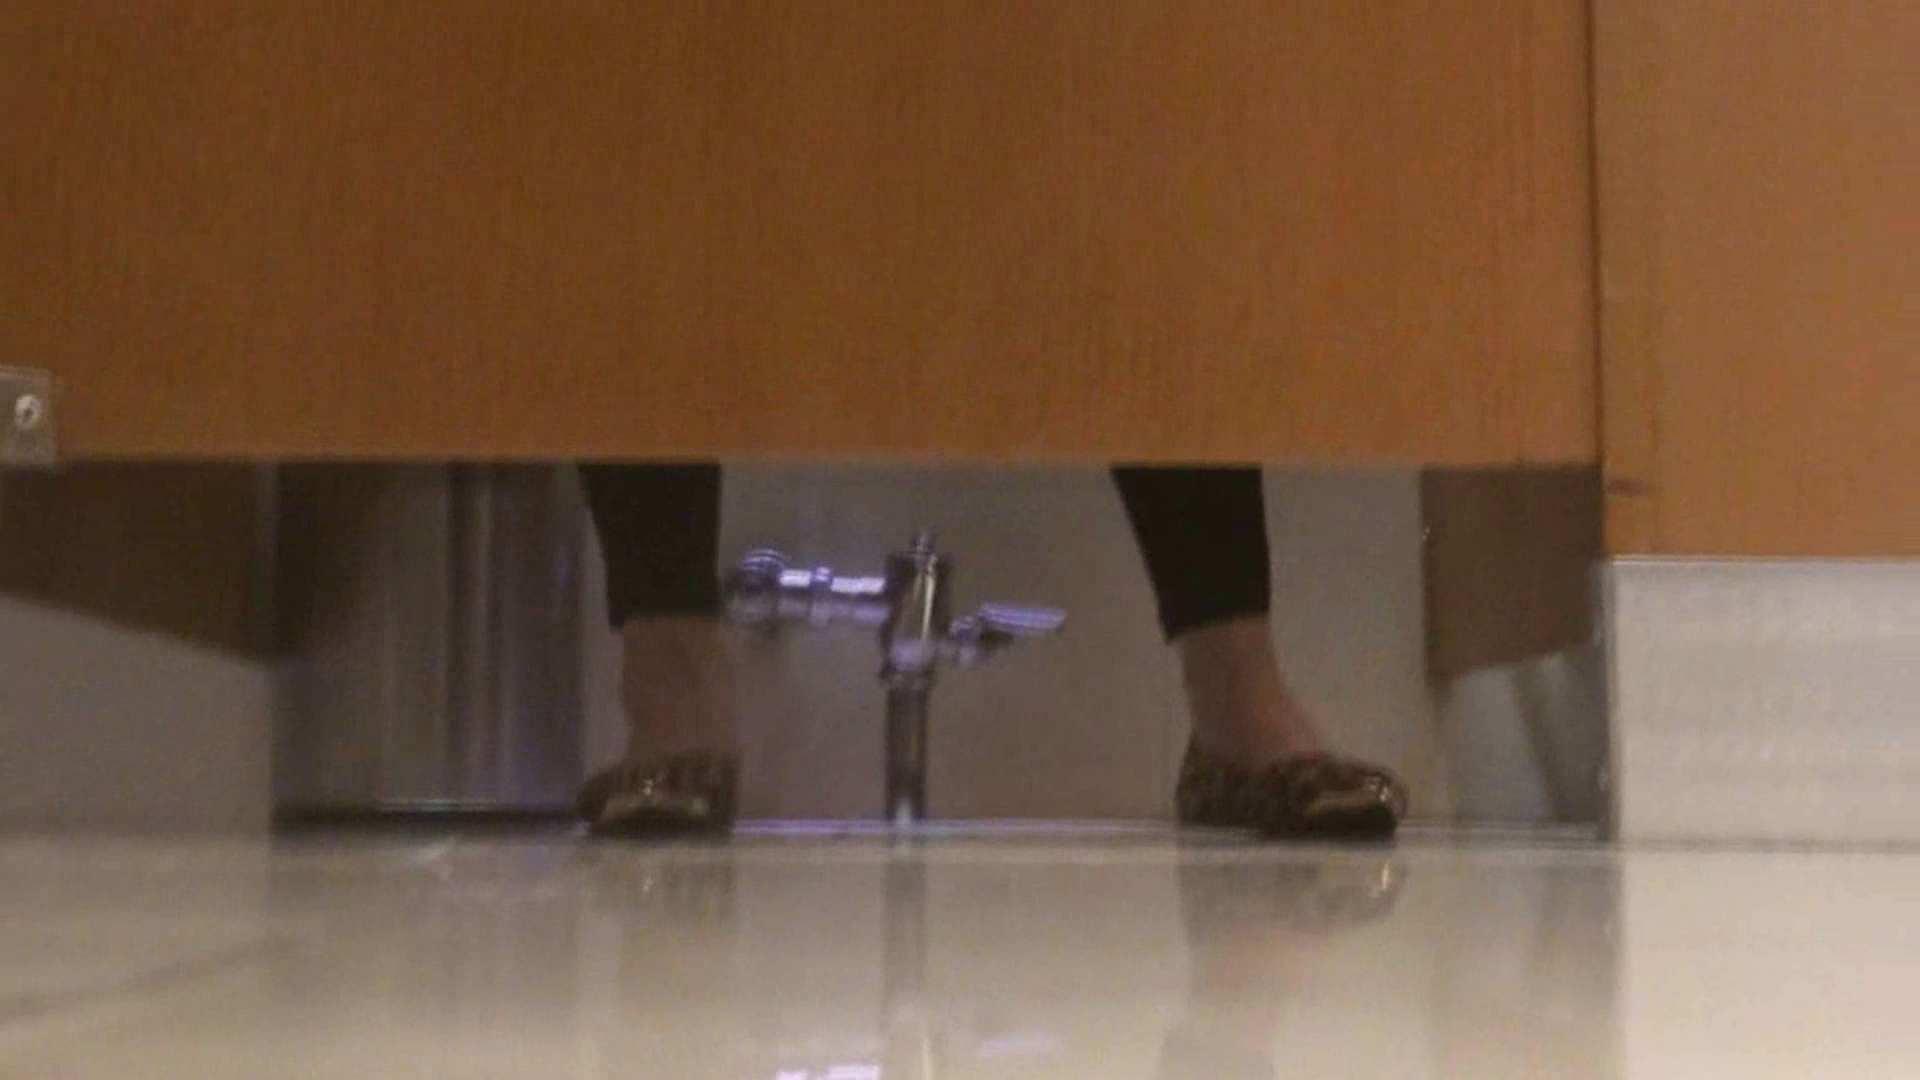 隣国化粧室下から御免!! No.09 美女達のヌード | 洗面所着替え  25連発 25